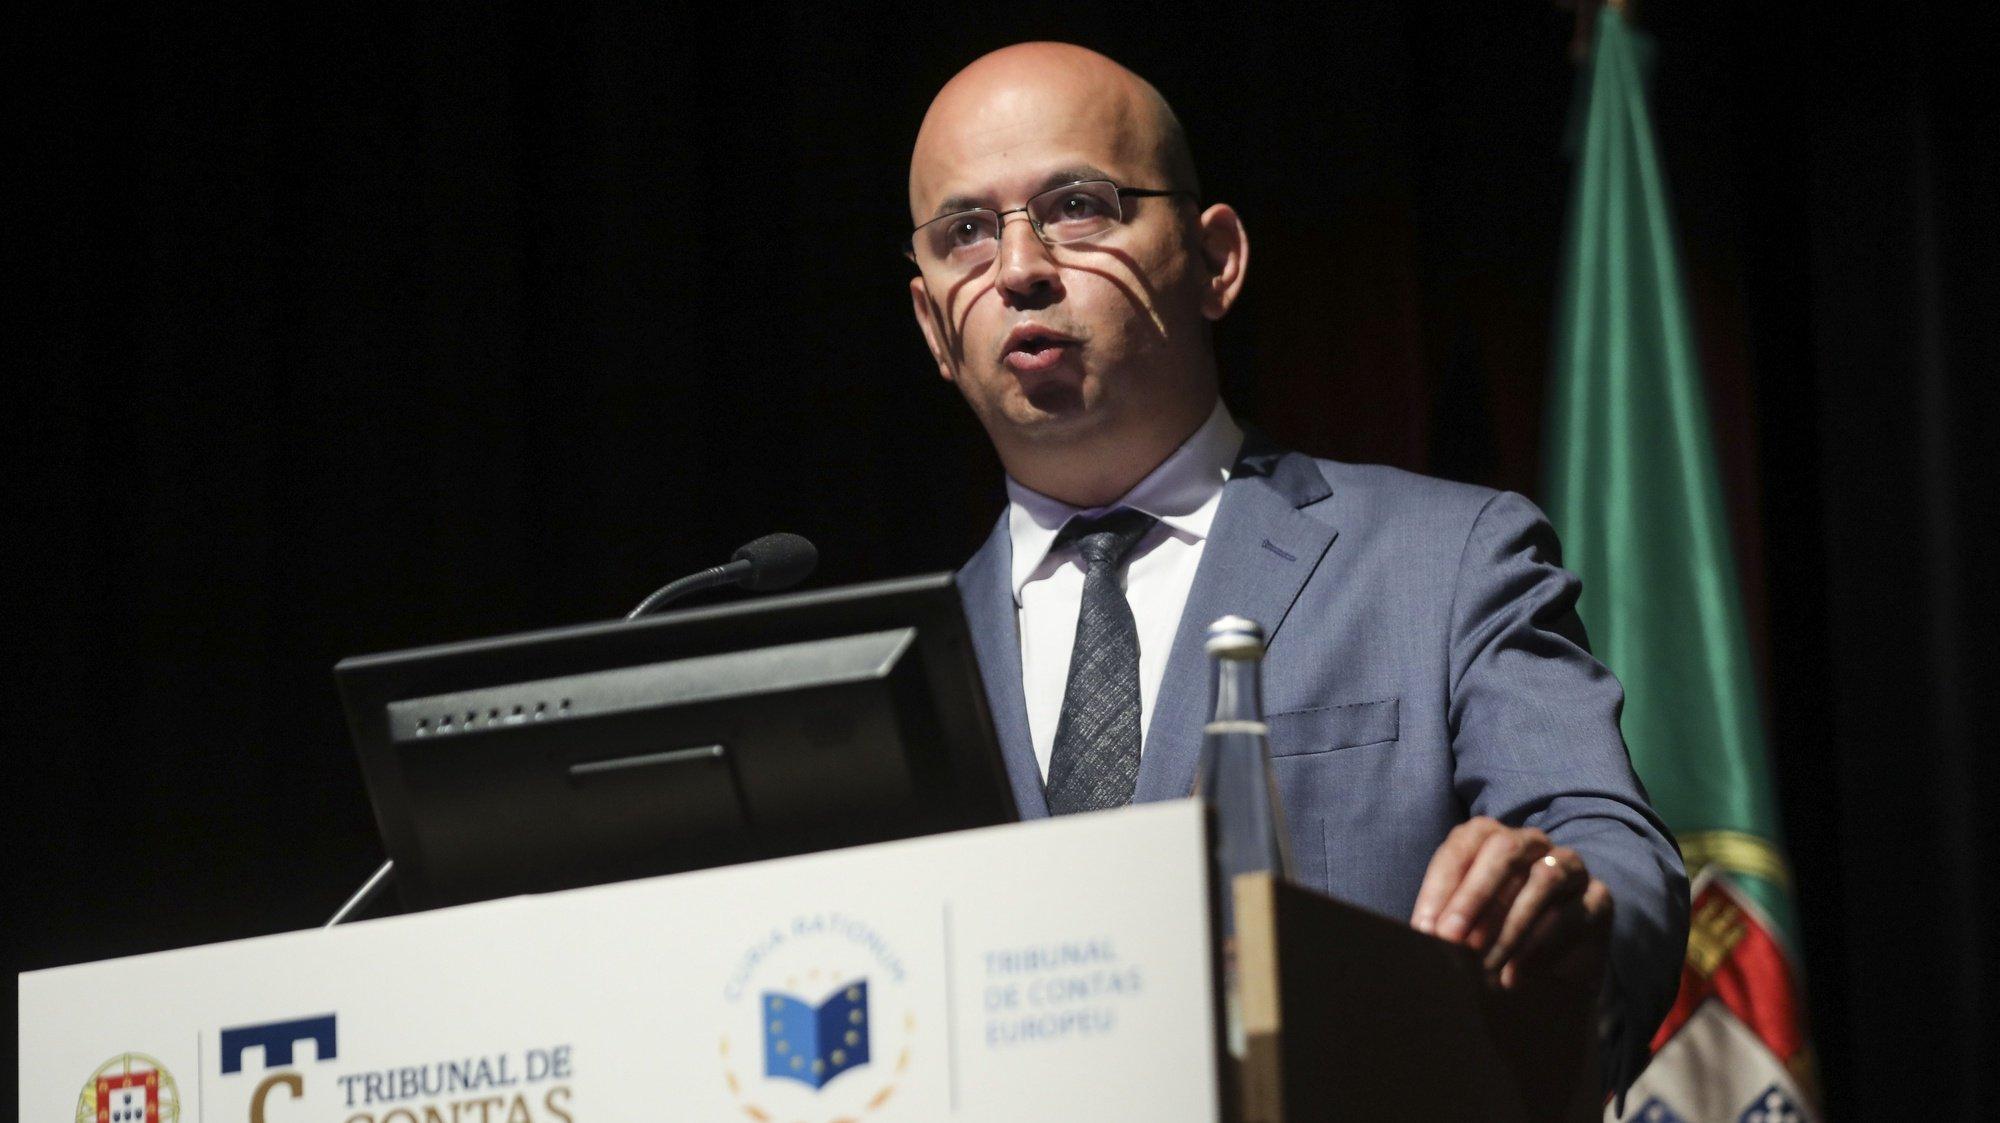 """O ministro de Estado e das Finanças, João Leão, intervém na conferência """"Fundos Europeu: Gestão, Controlo e Responsabilidades"""", esta manhã na Culturgest, em Lisboa, 22 de junho de 2021. MIGUEL A. LOPES/LUSA"""